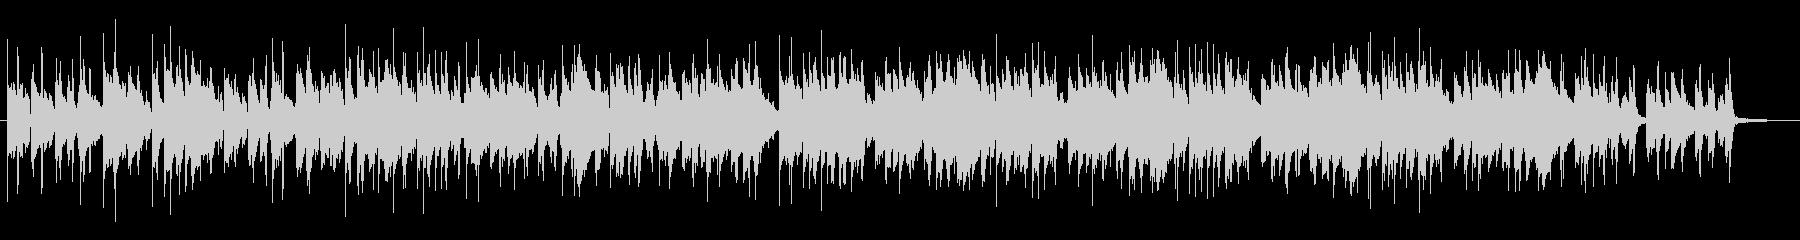 スイングポップス(ピアノとベル)の未再生の波形